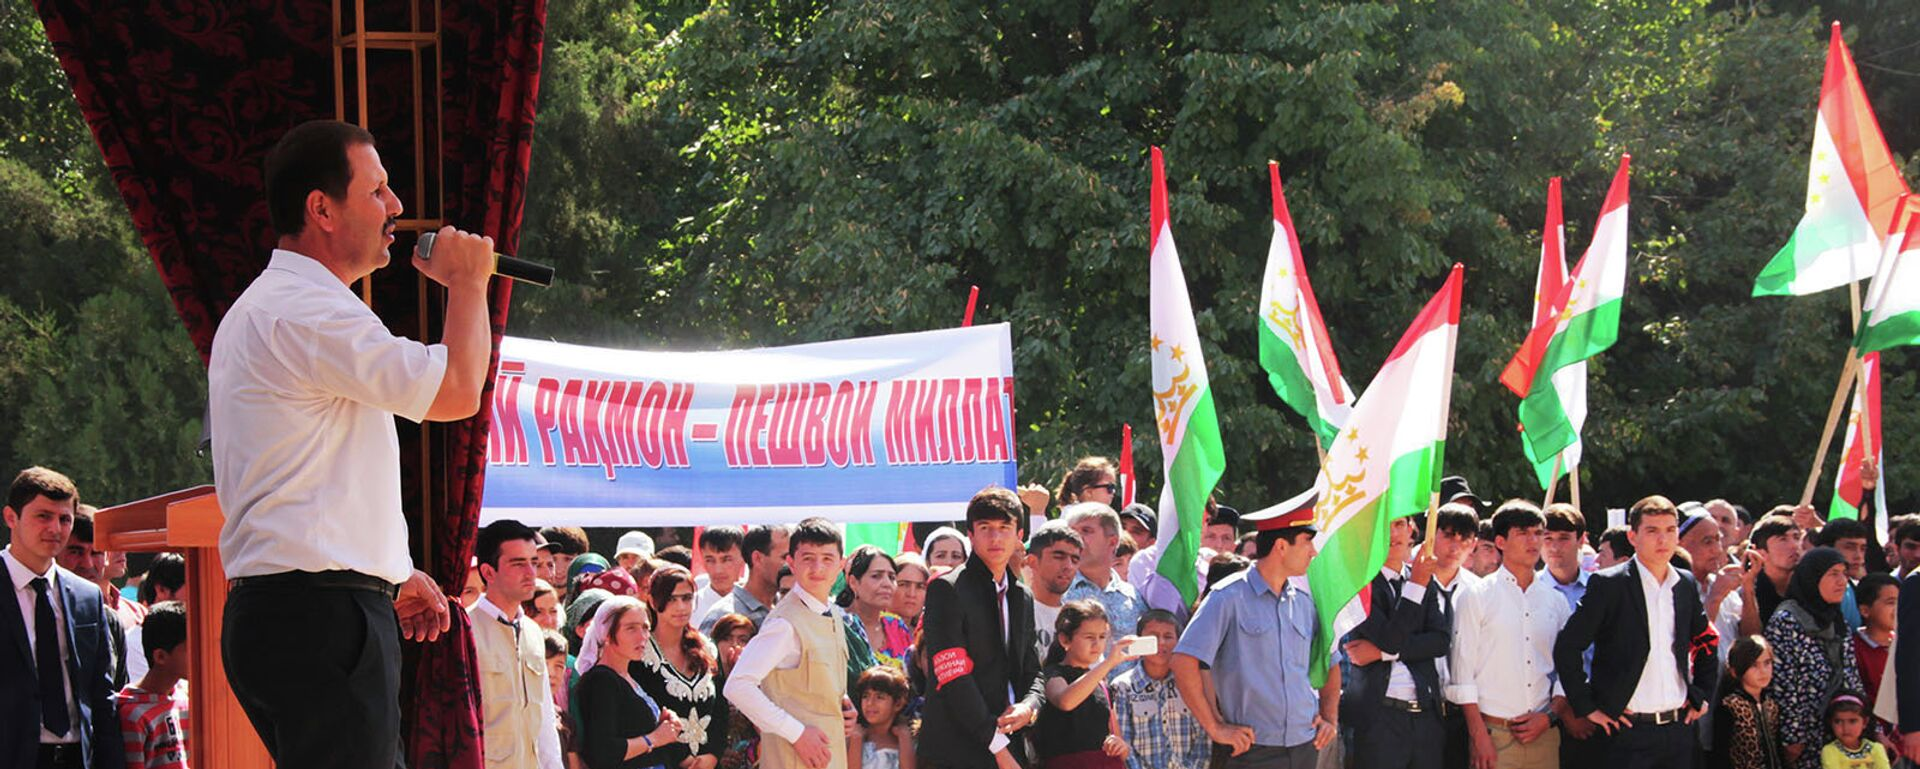 Праздничные мероприятия в Душанбе по случаю 24-ой годовщины независимости Таджикистана - Sputnik Тоҷикистон, 1920, 21.04.2021